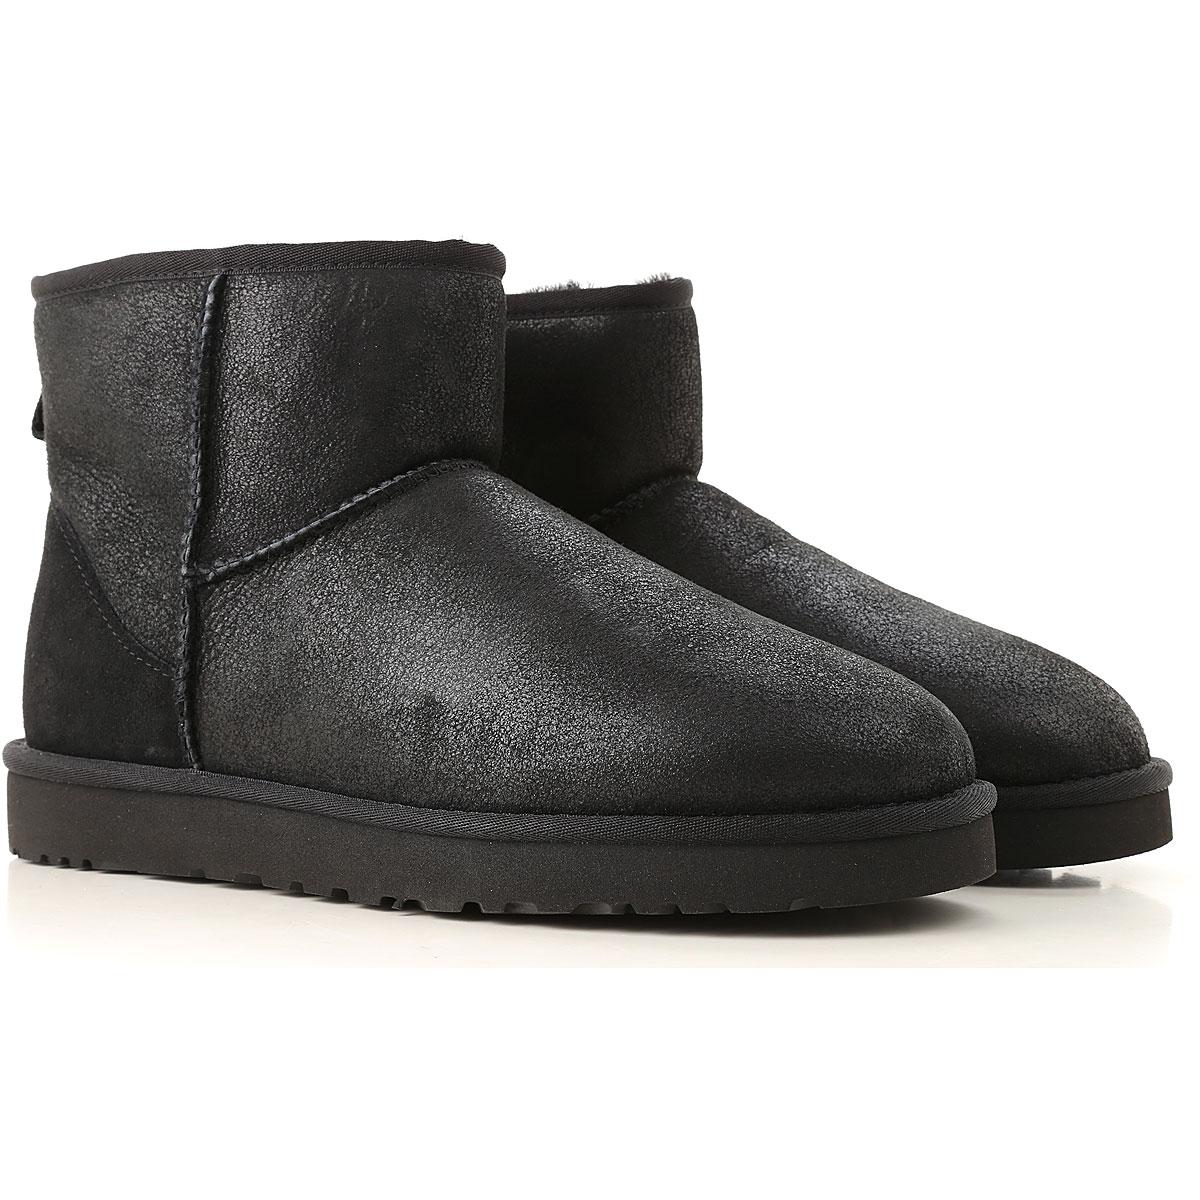 121390fda2b UGG Vysoké boty pro muže Ve výprodeji